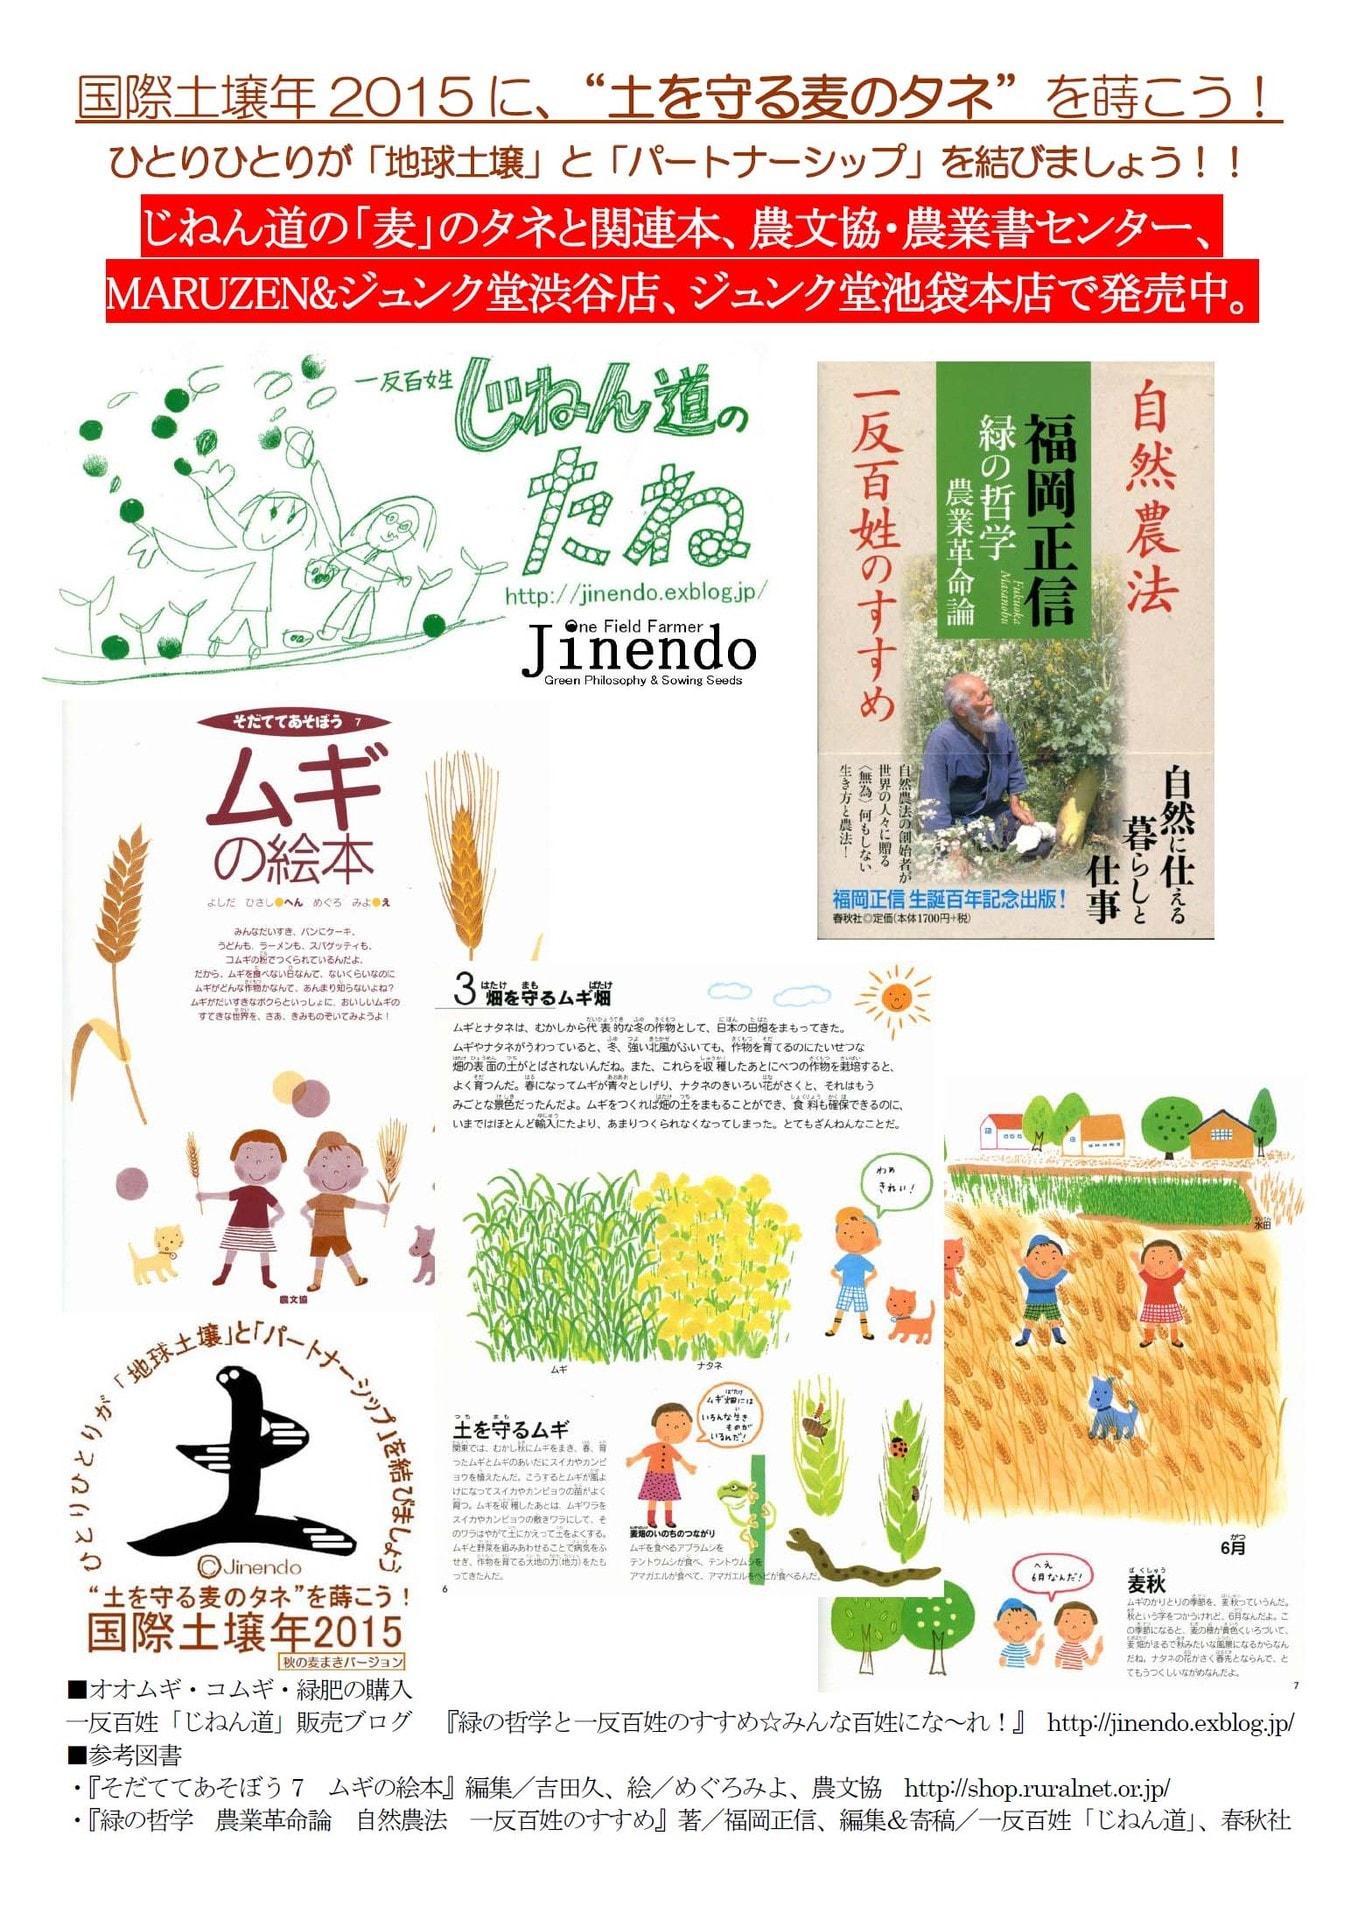 """国際土壌年2015""""土を守る麦のタネ""""を蒔こう!!秋のフェア@神保町の ..."""